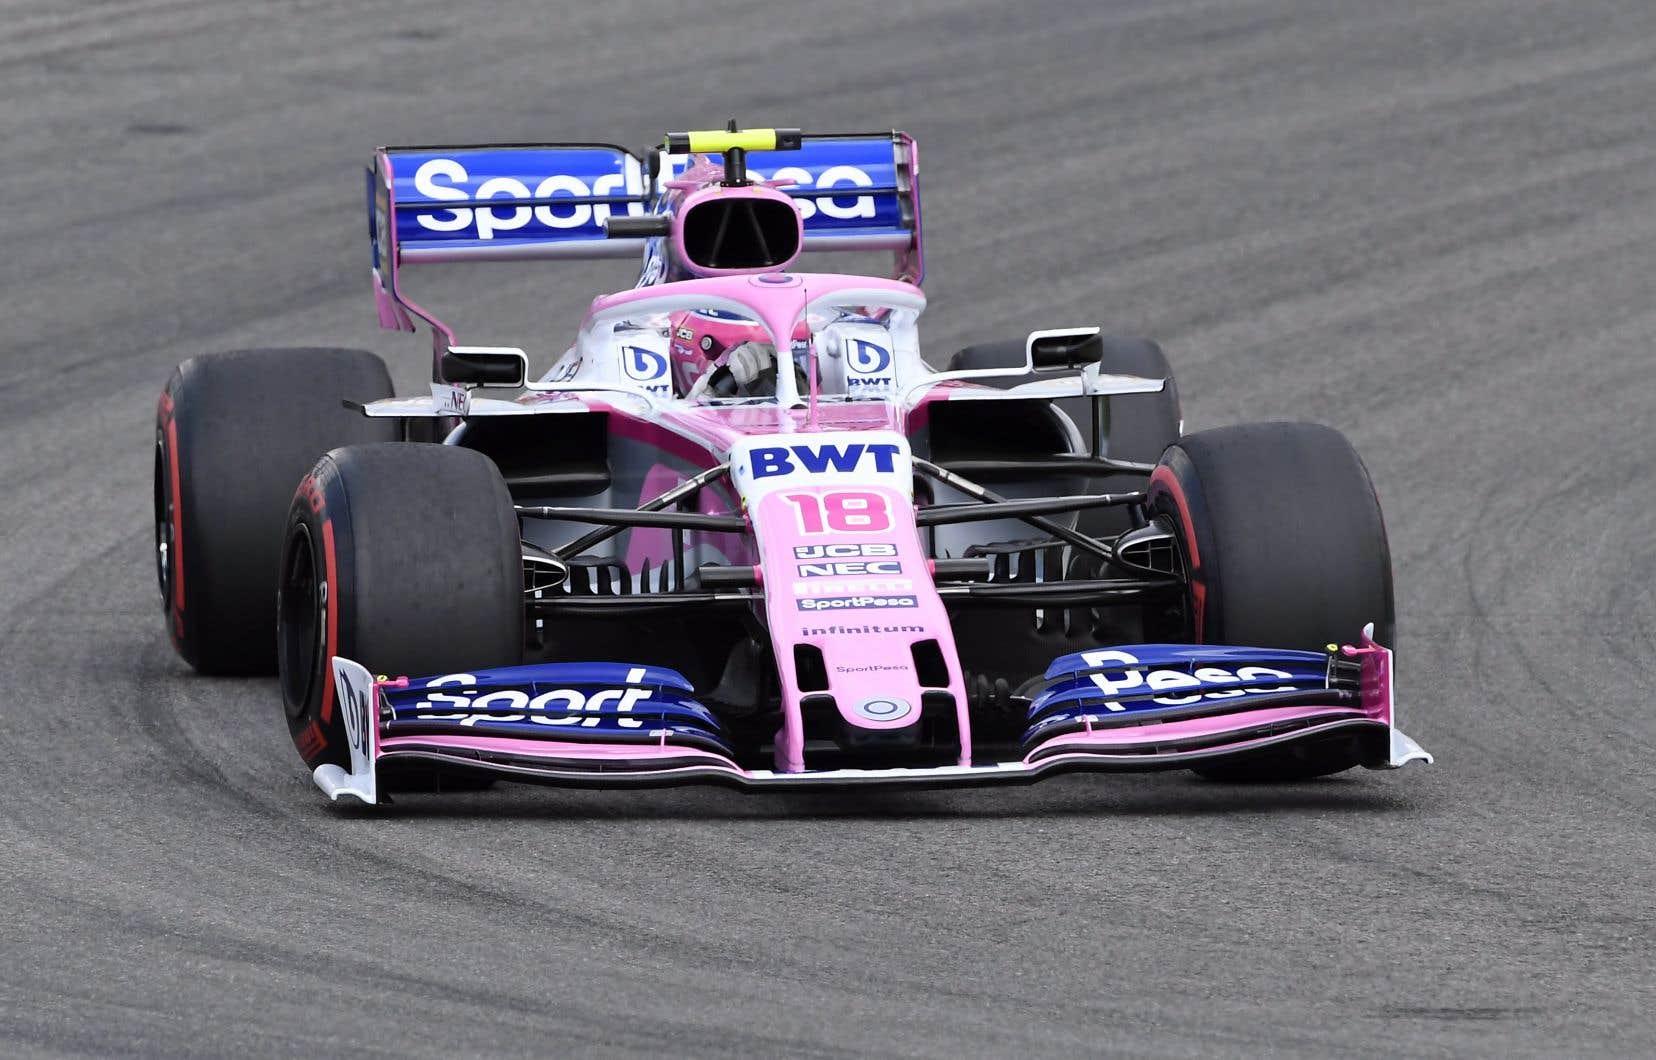 Le Québécois Lance Stroll s'est classé 4eavec Racing Point à ce pluvieux Grand Prix d'Allemagne. Il s'agit de son meilleur résultat depuis sa 3eplace en Azerbaïdjan, en 2017.